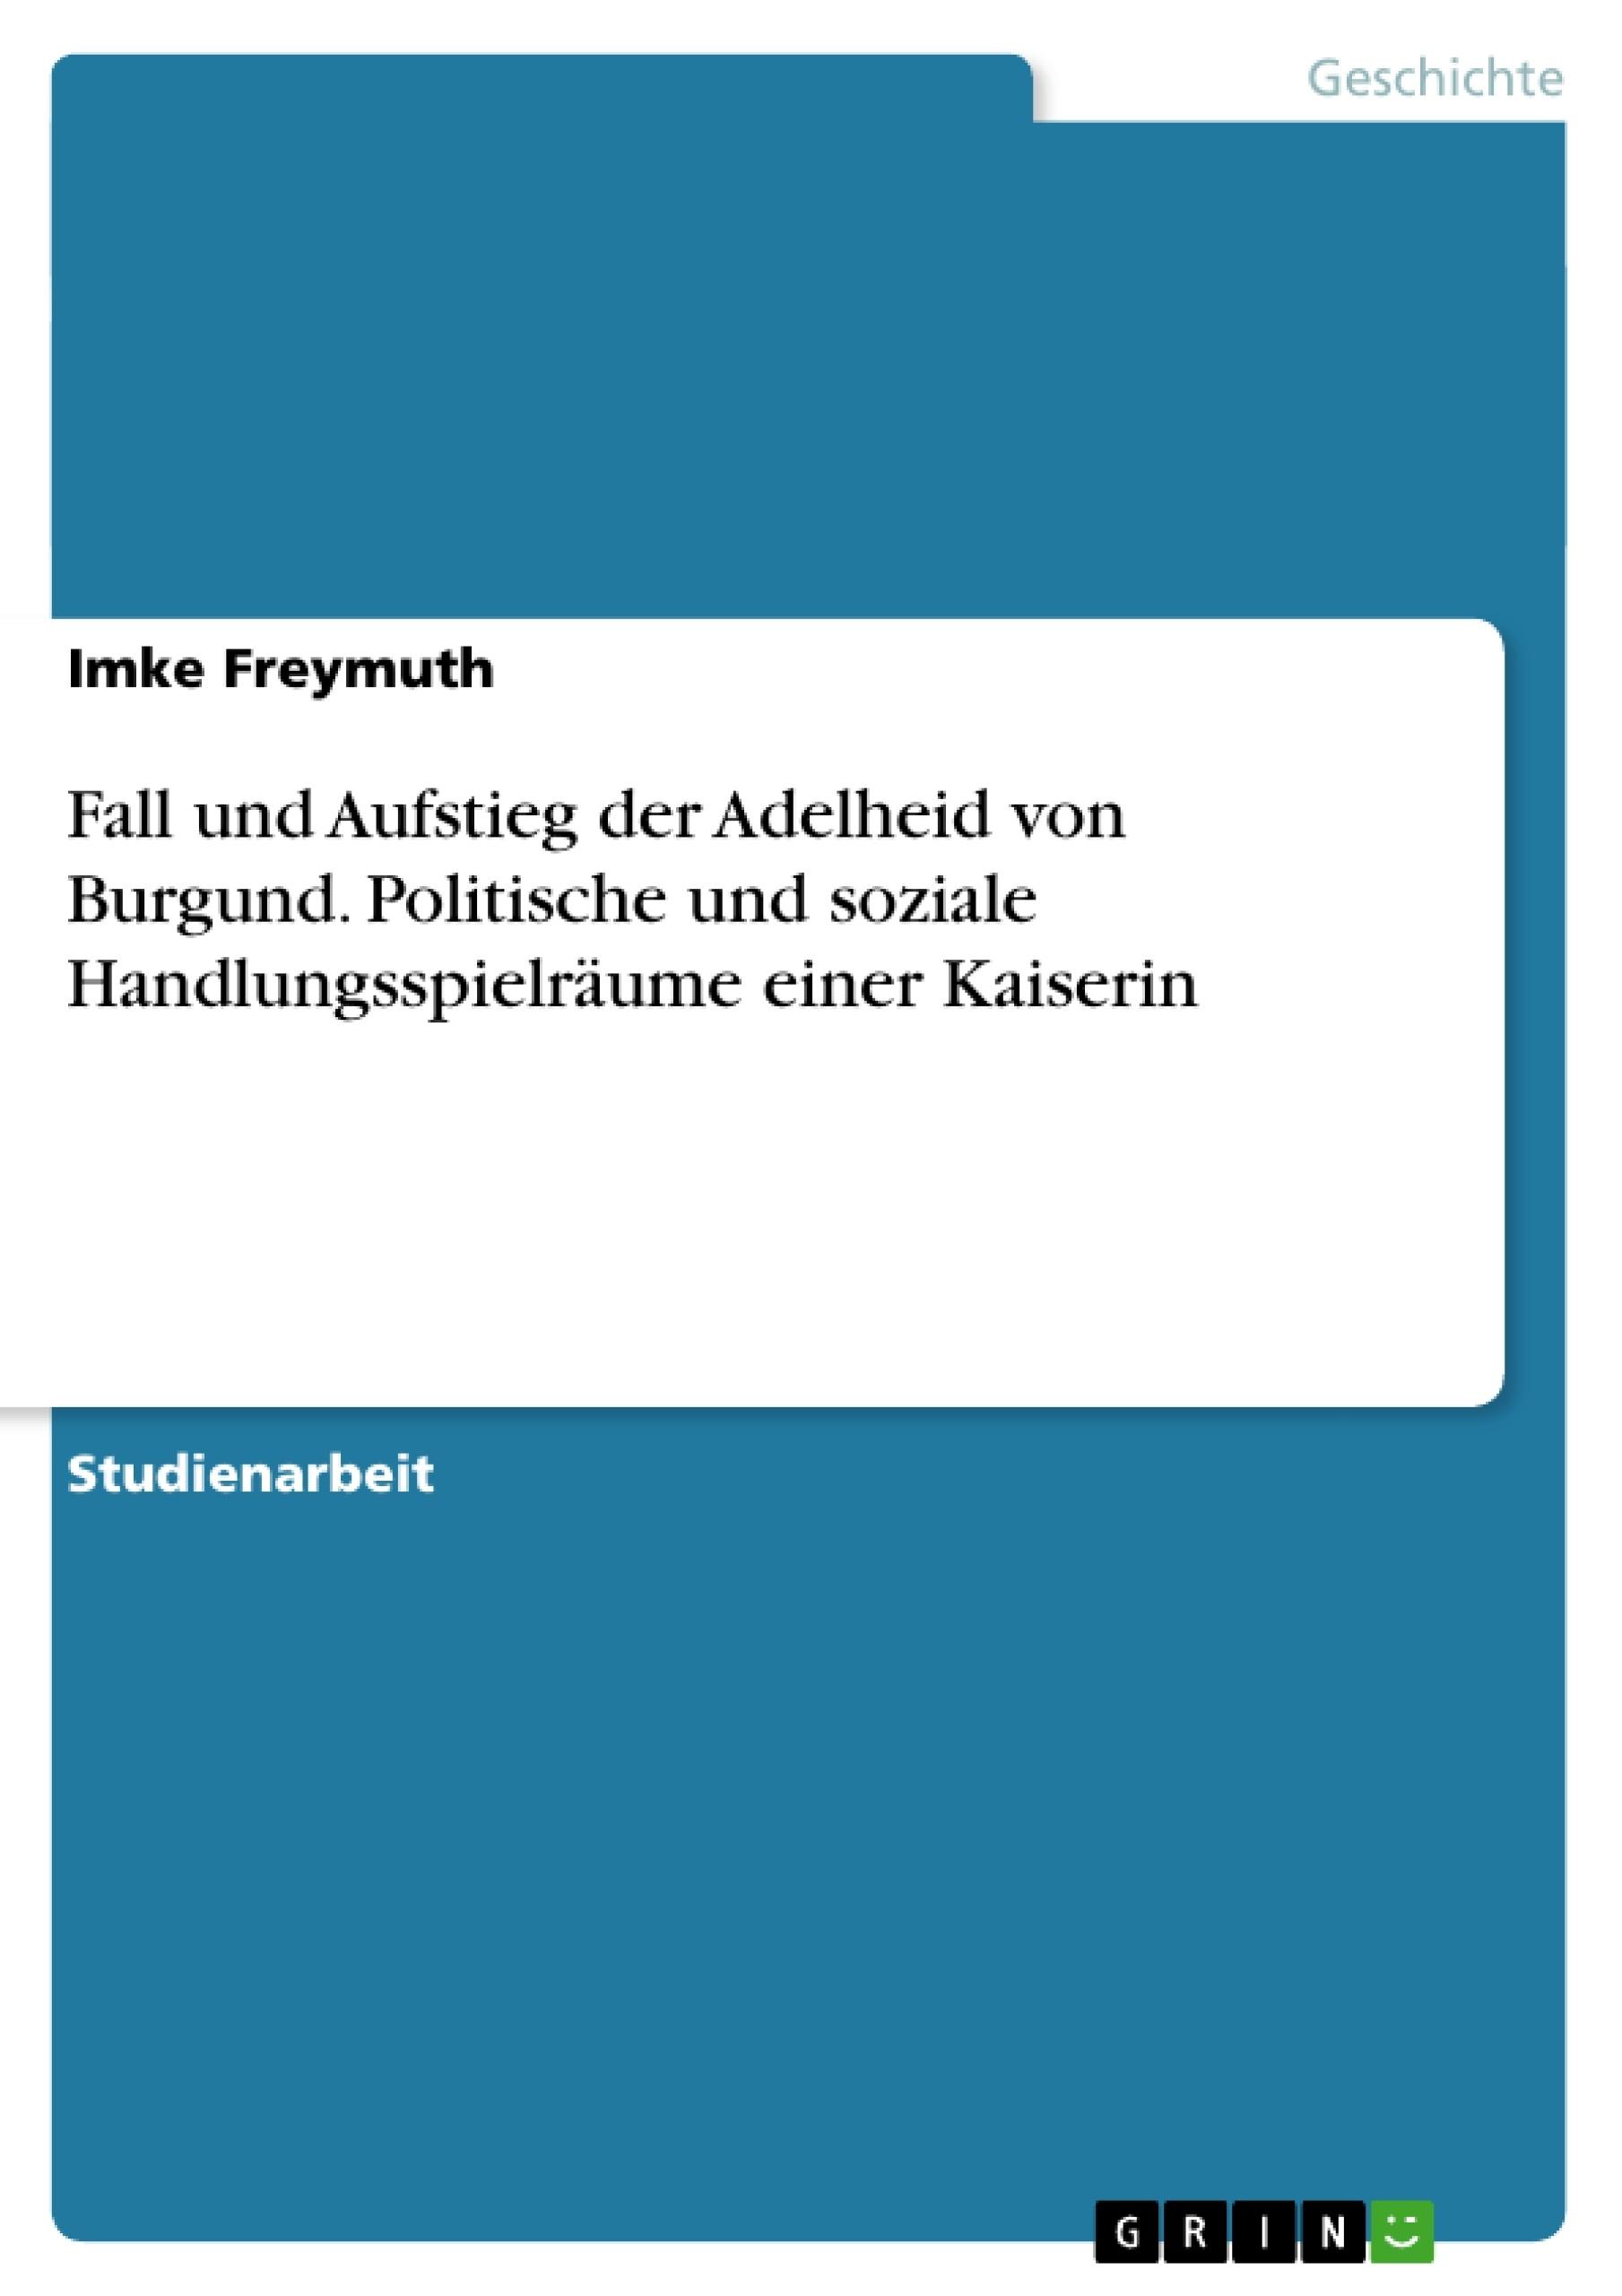 Titel: Fall und Aufstieg der Adelheid von Burgund. Politische und soziale Handlungsspielräume einer Kaiserin